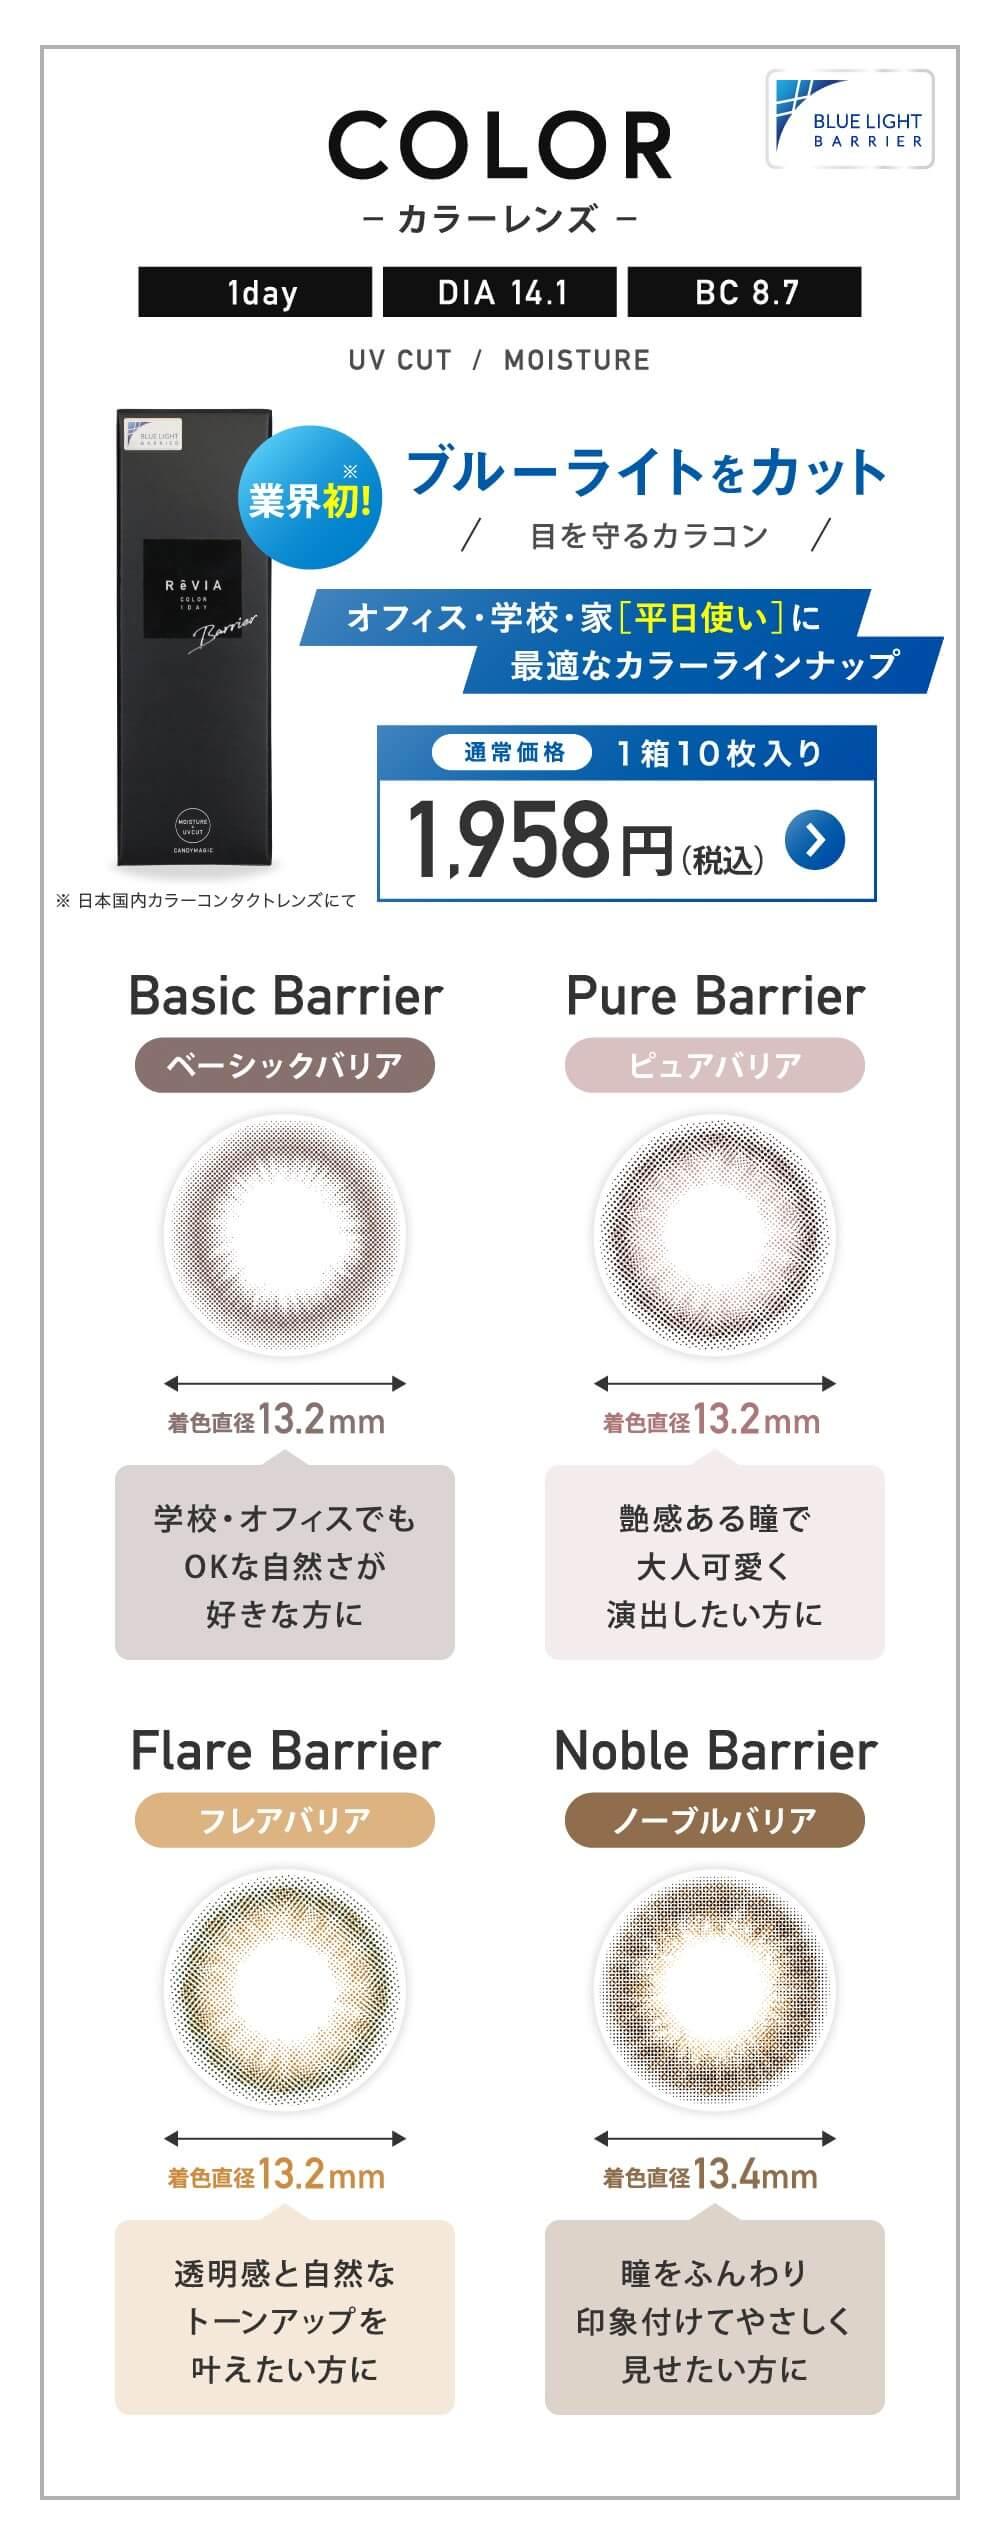 レヴィアBLBカラー 1DAY 10枚 業界初ブルーライト軽減レンズ 1箱1,958円